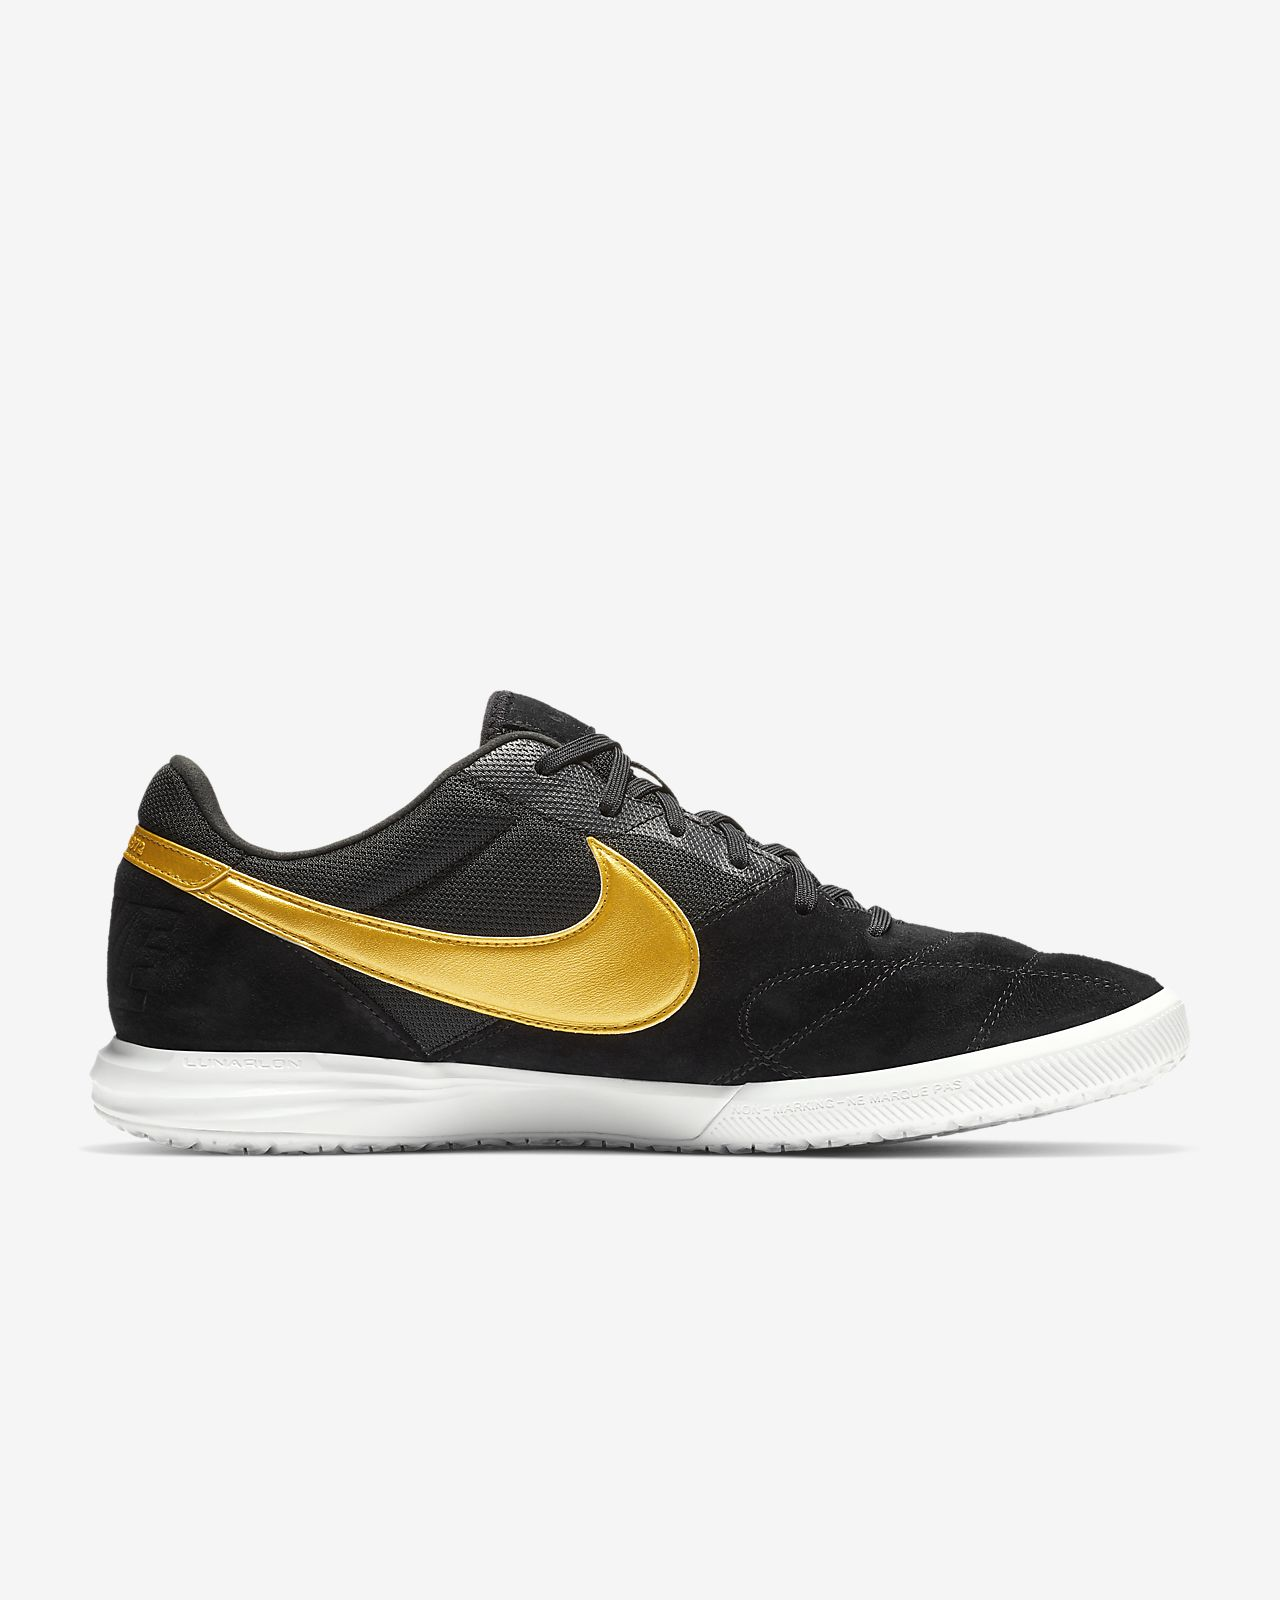 separation shoes 2092d dc0af ... Calzado de fútbol para cancha cubierta Nike Tiempo Premier II Sala